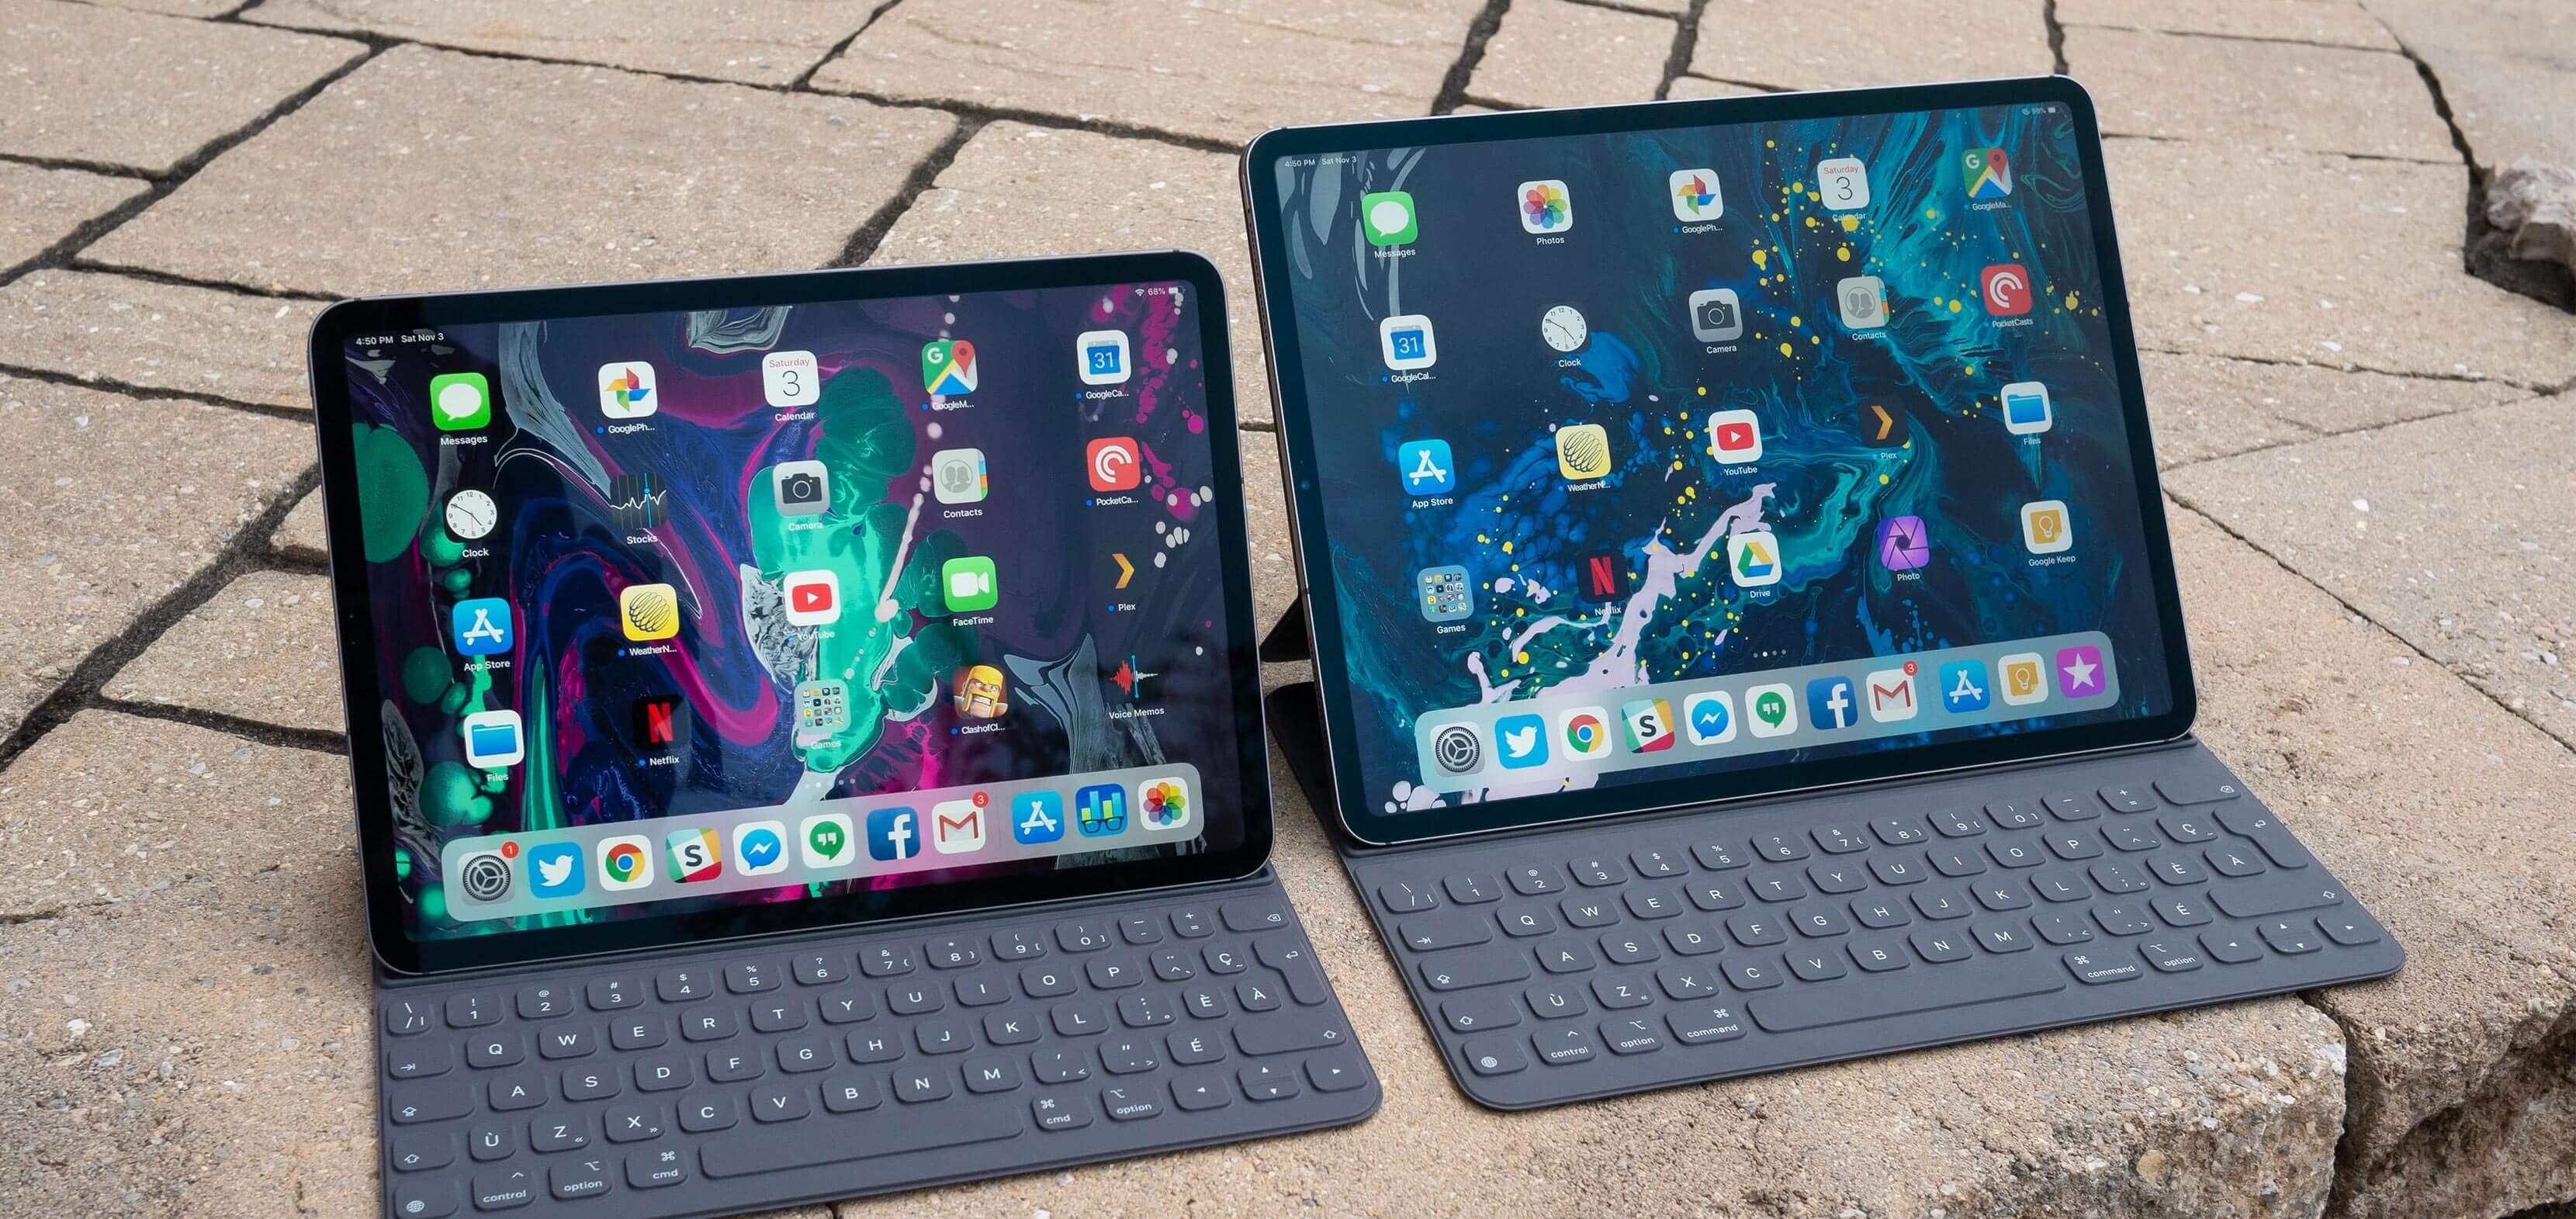 Как оценили новый iPad Pro ведущие западные издания? — The IT-Files